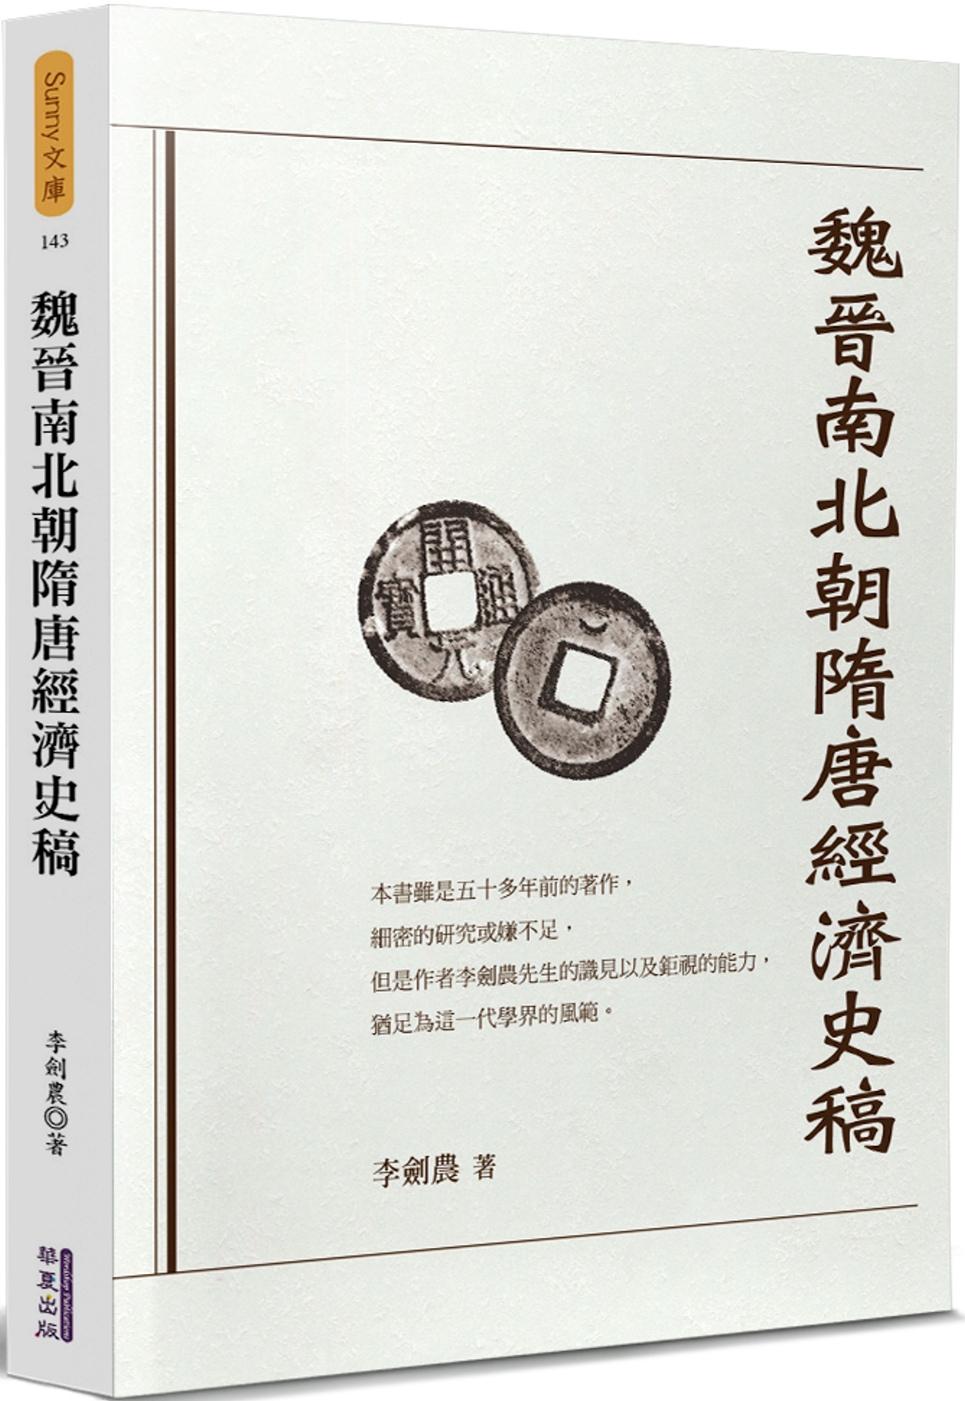 魏晉南北朝隋唐經濟史稿